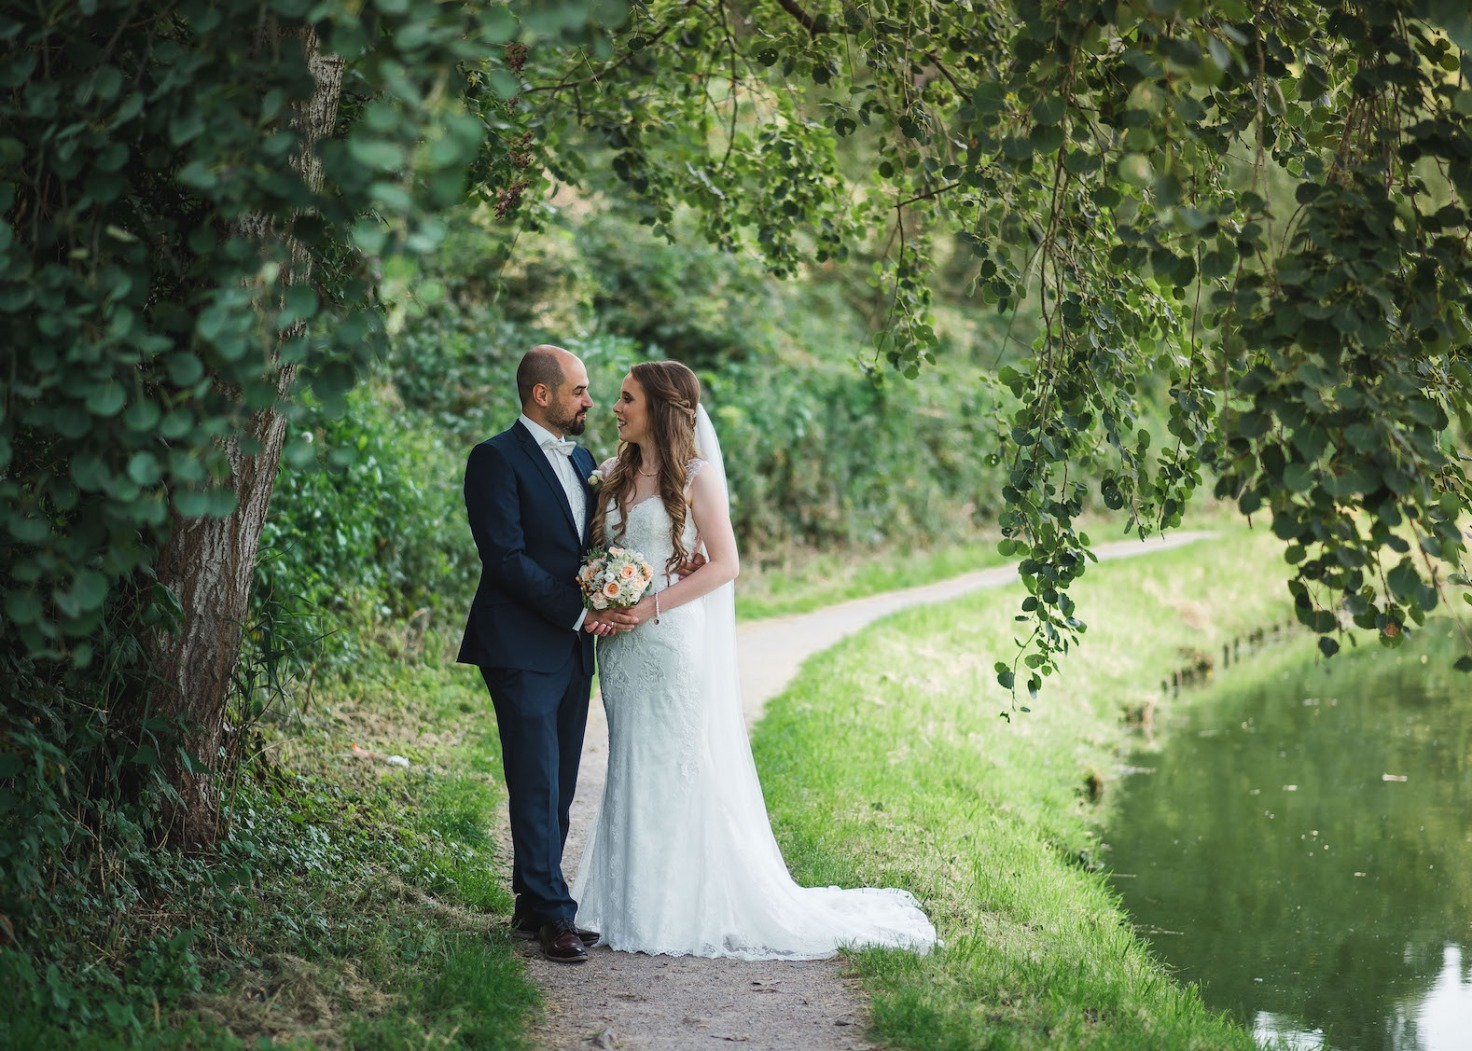 Hochzeit von Katharina und Mustafa in Münster: Paarshooting im Park am Wasser